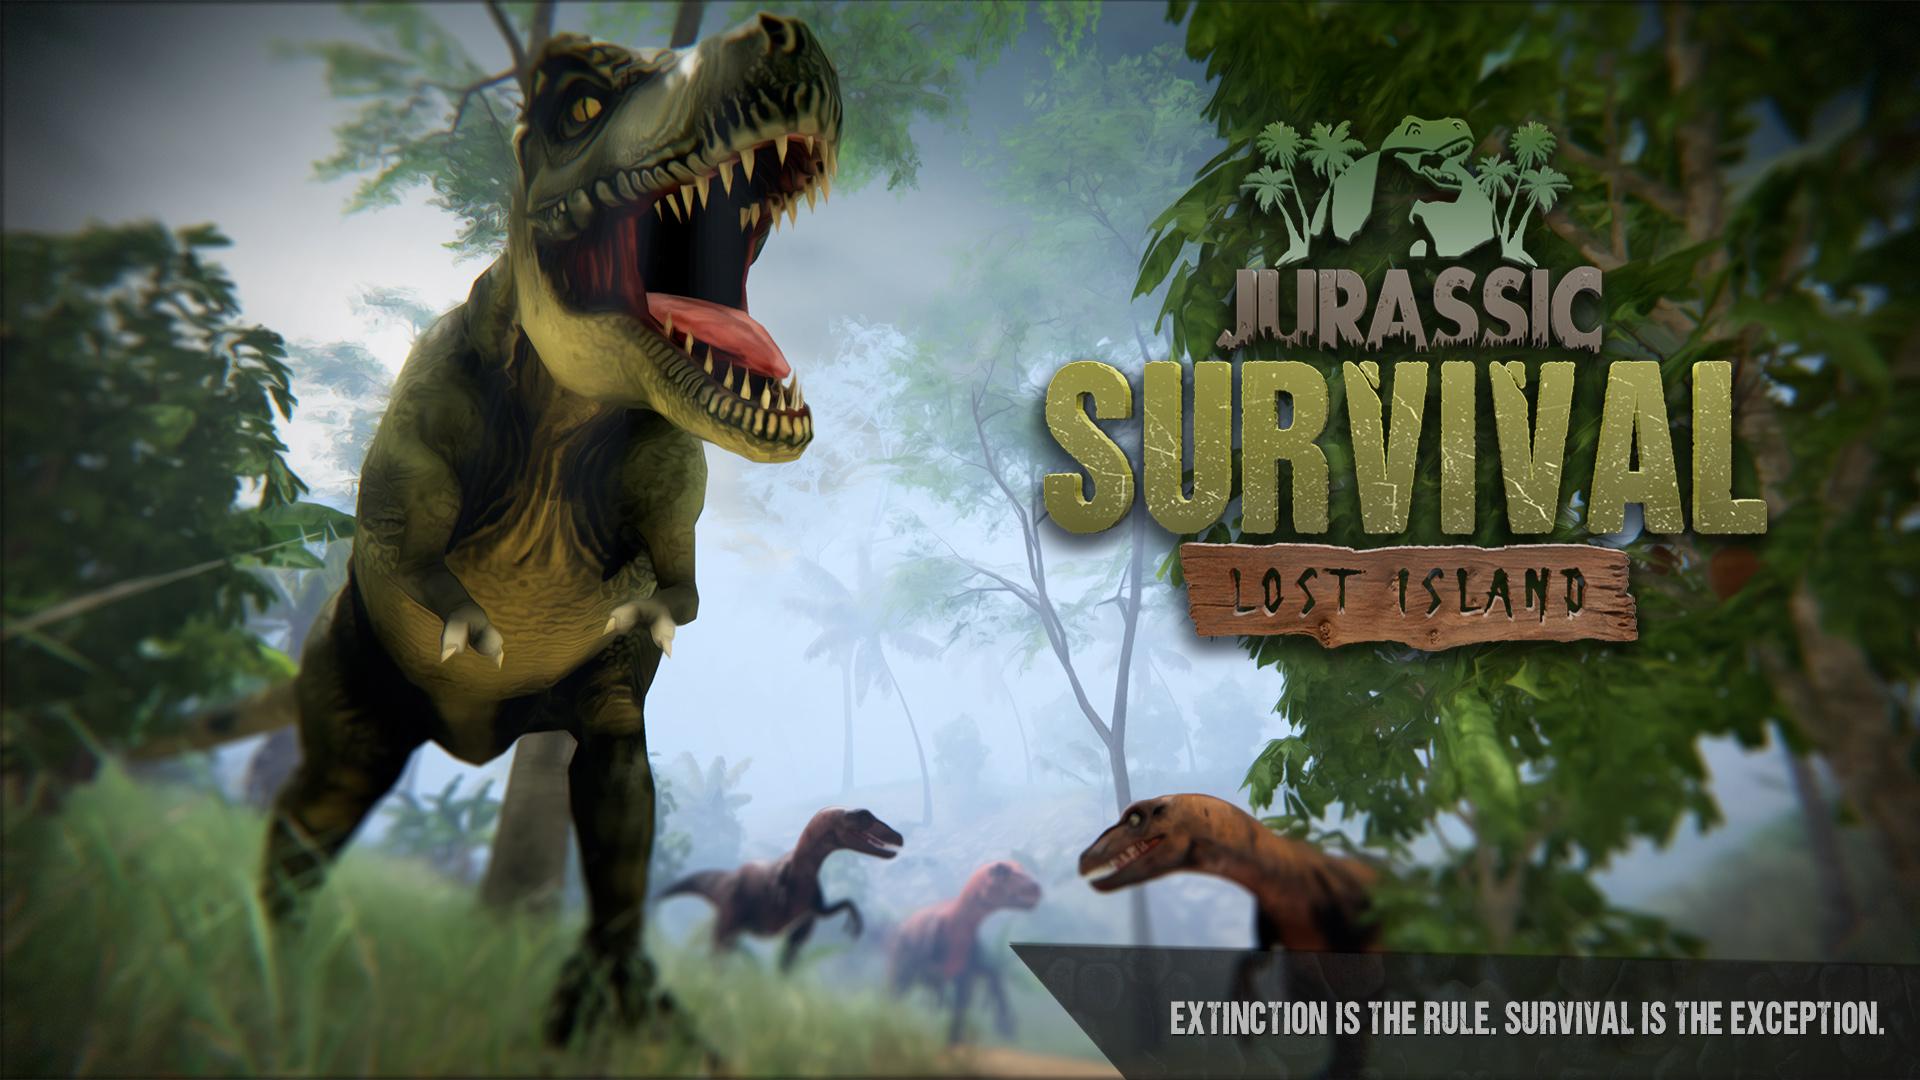 Jurassic Survival - Lost Island: Amazon.com.br: Amazon